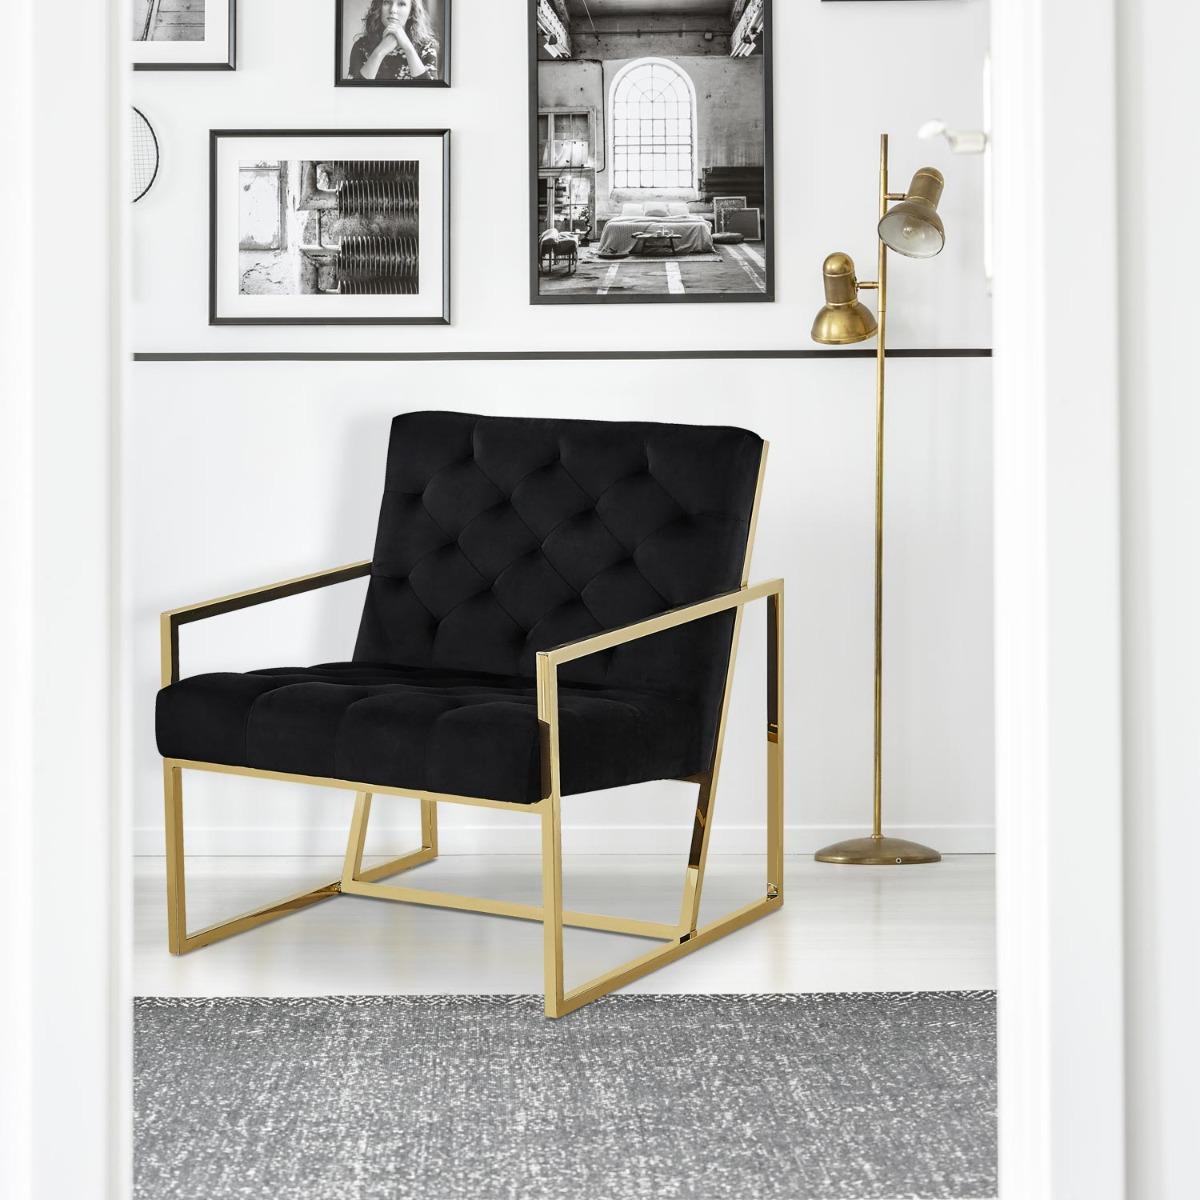 Dallas fauteuil zwart fluweel goud metalen poten